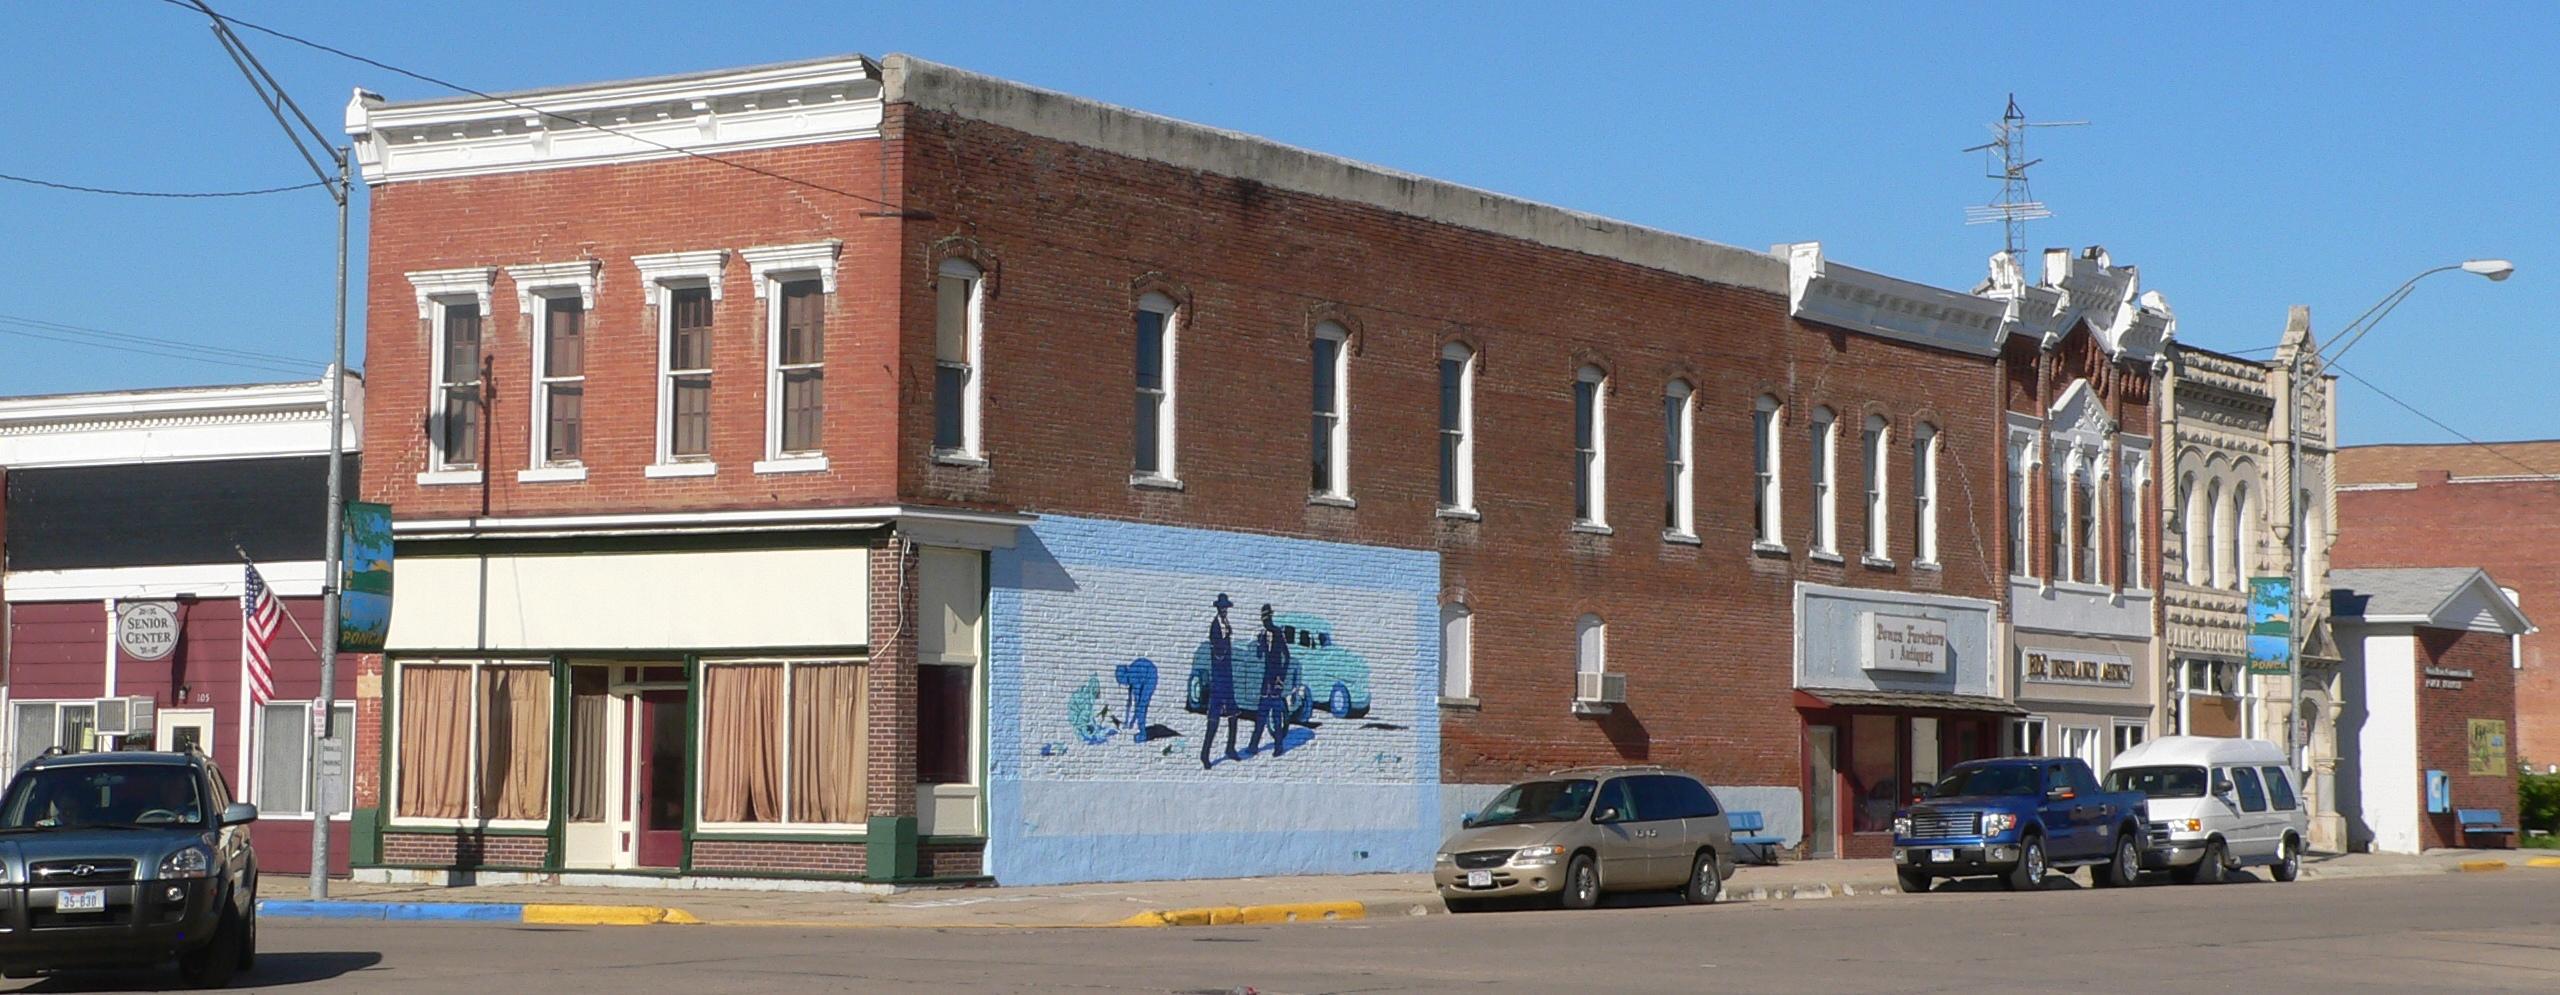 Ponca (Nebraska)